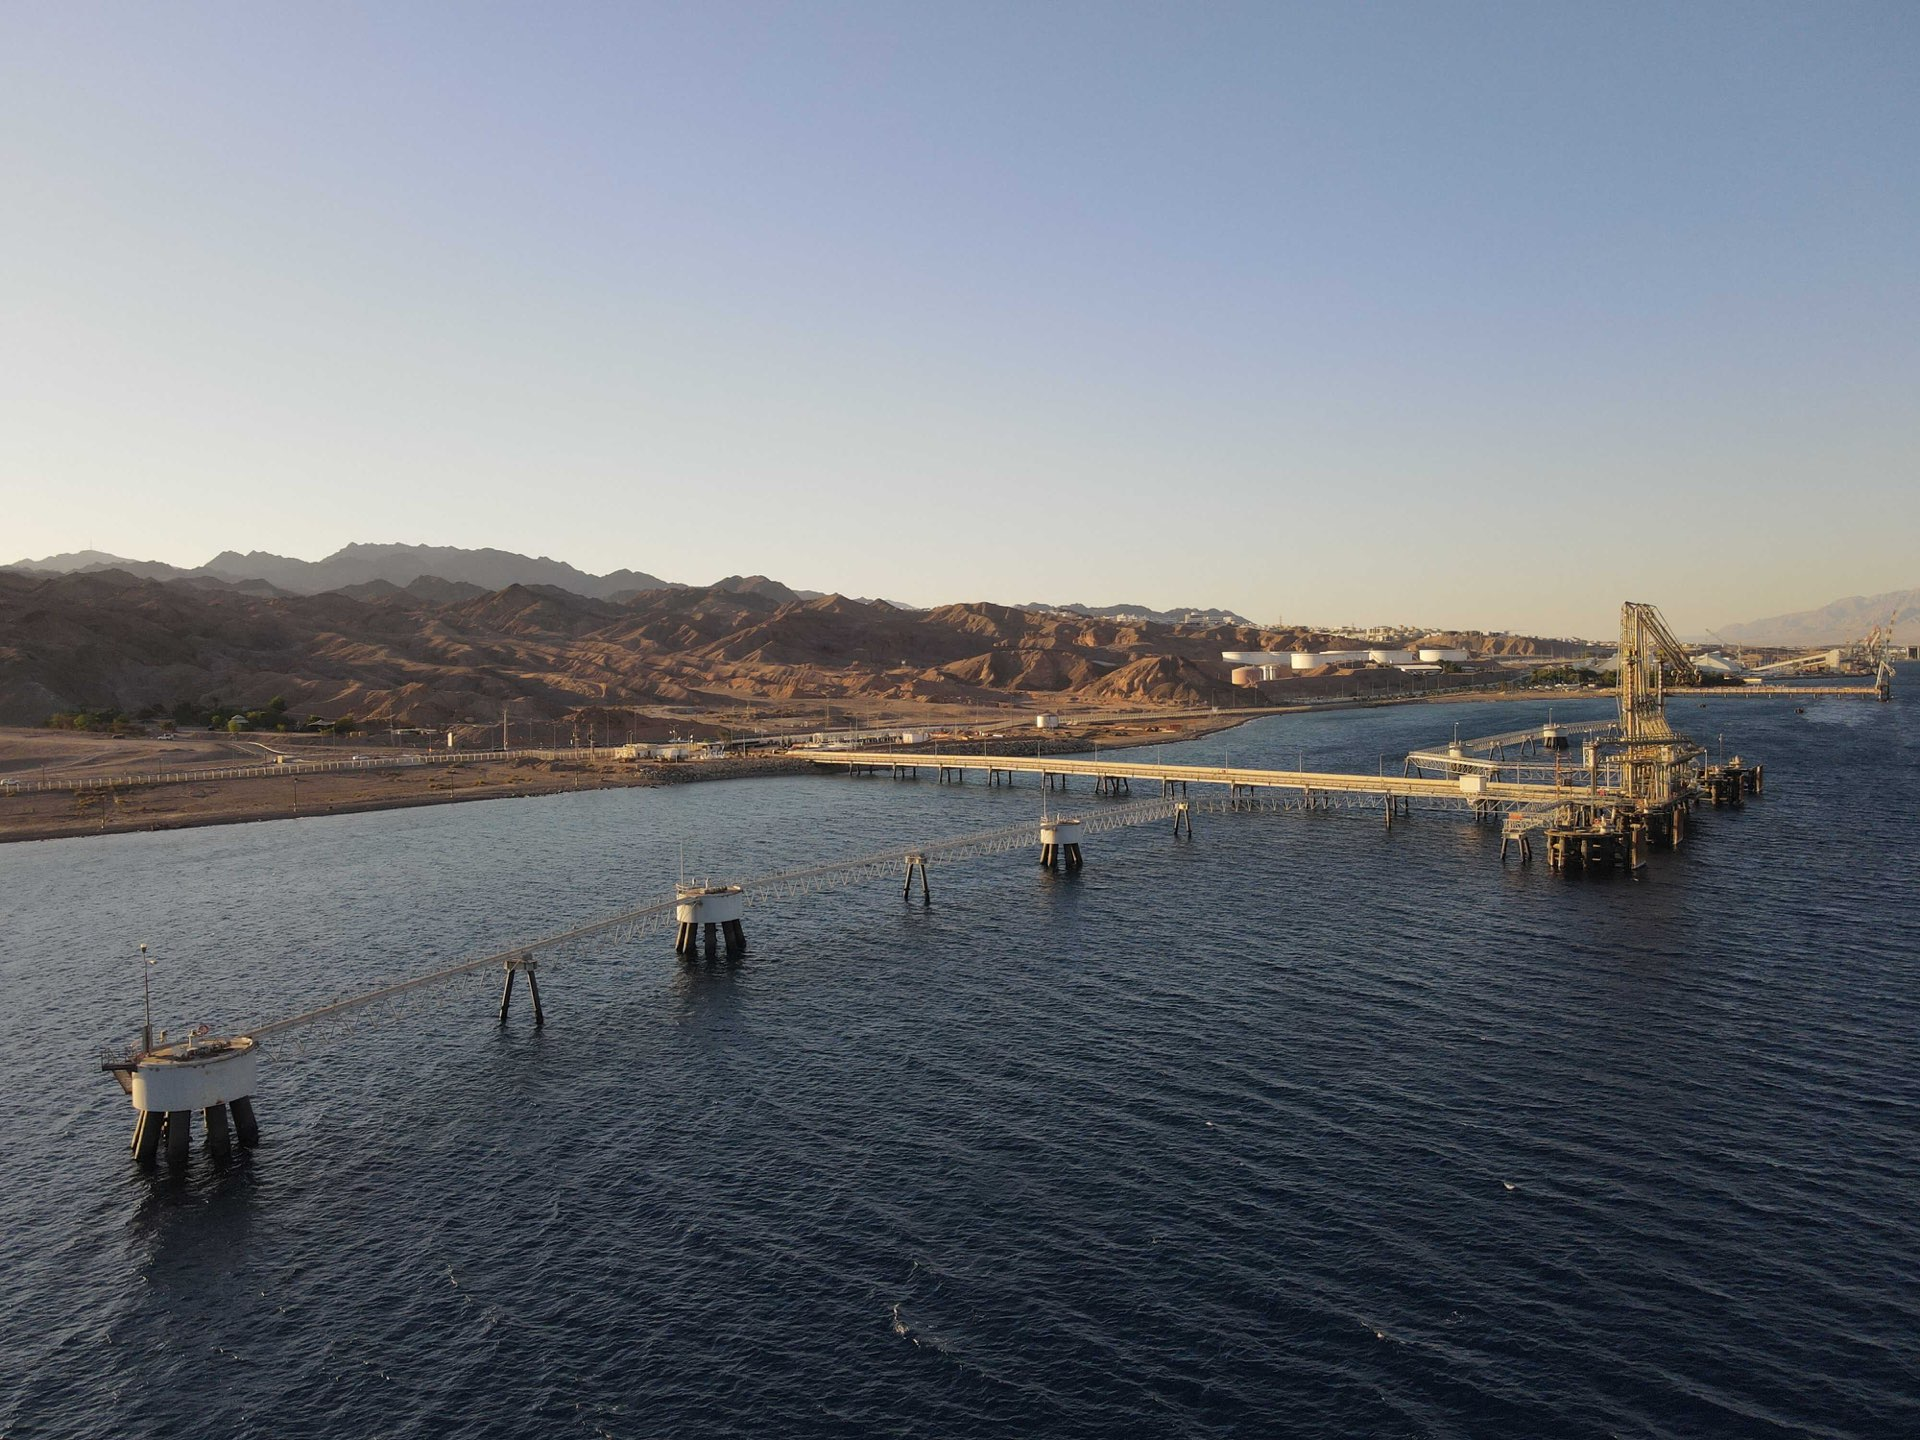 נמל קצ״א במפרץ אילת